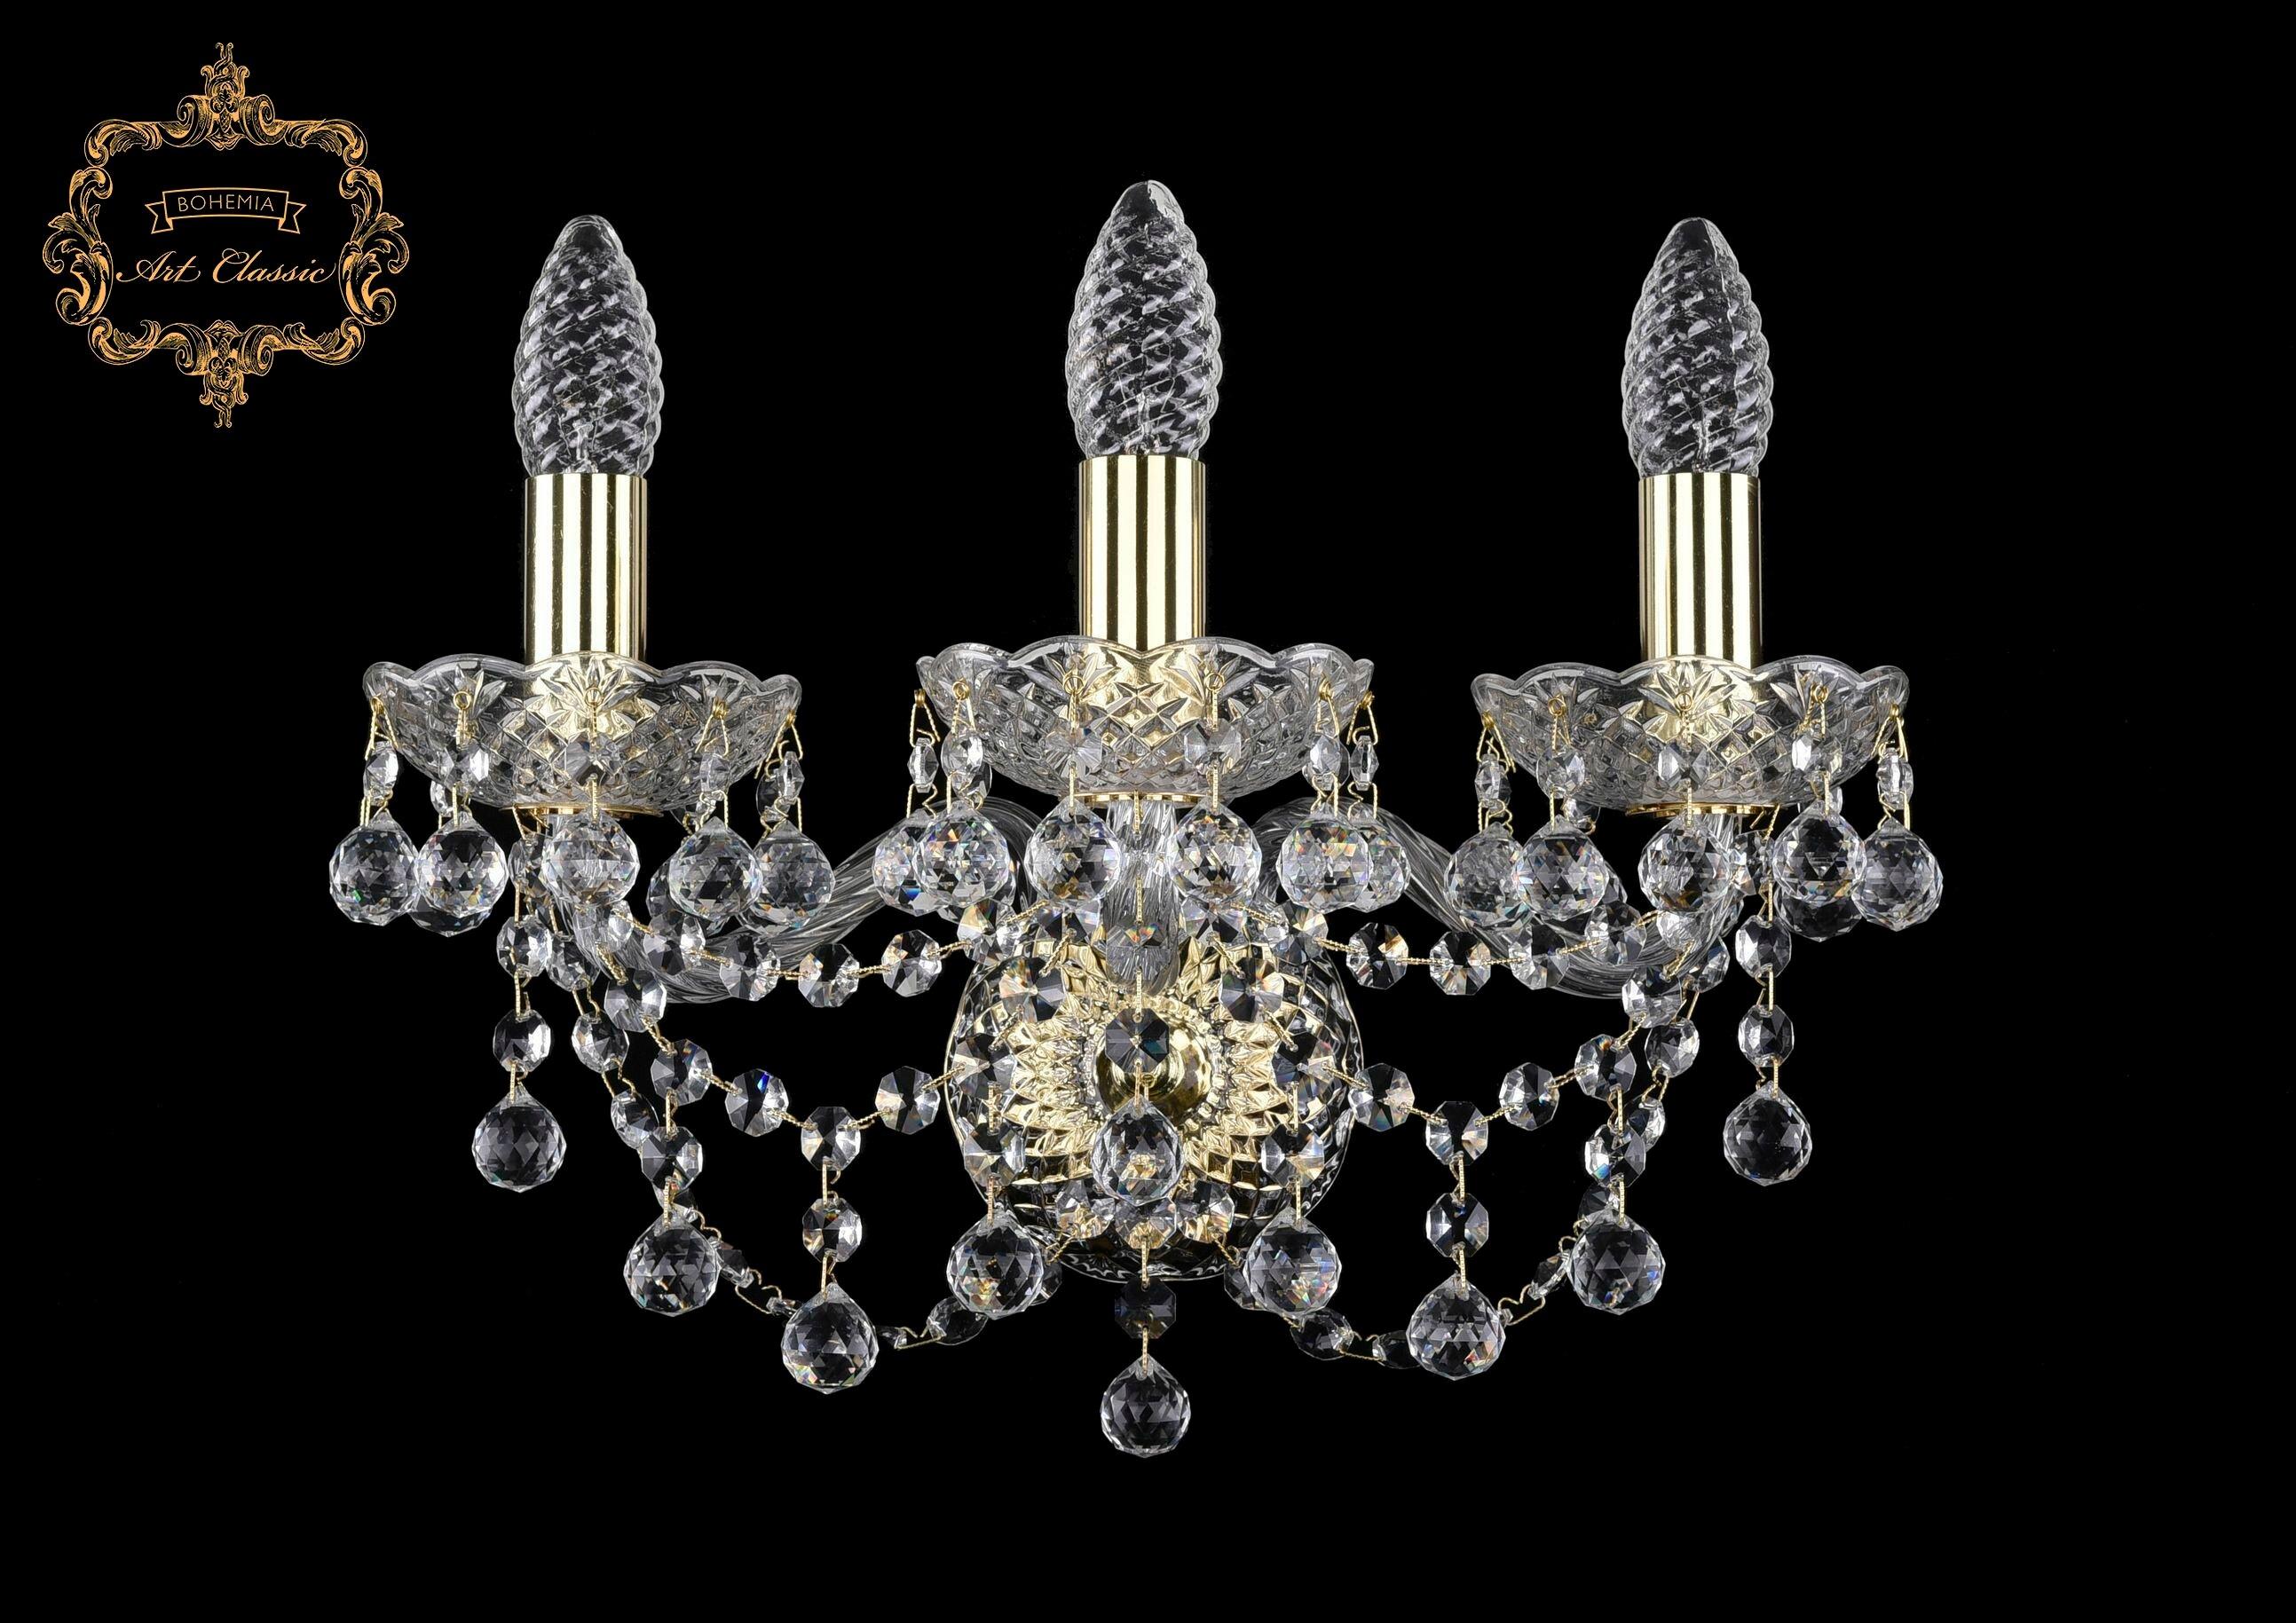 Настенный светильник Bohemia Art Classic 10.26.3.141.Gd.B 11.26